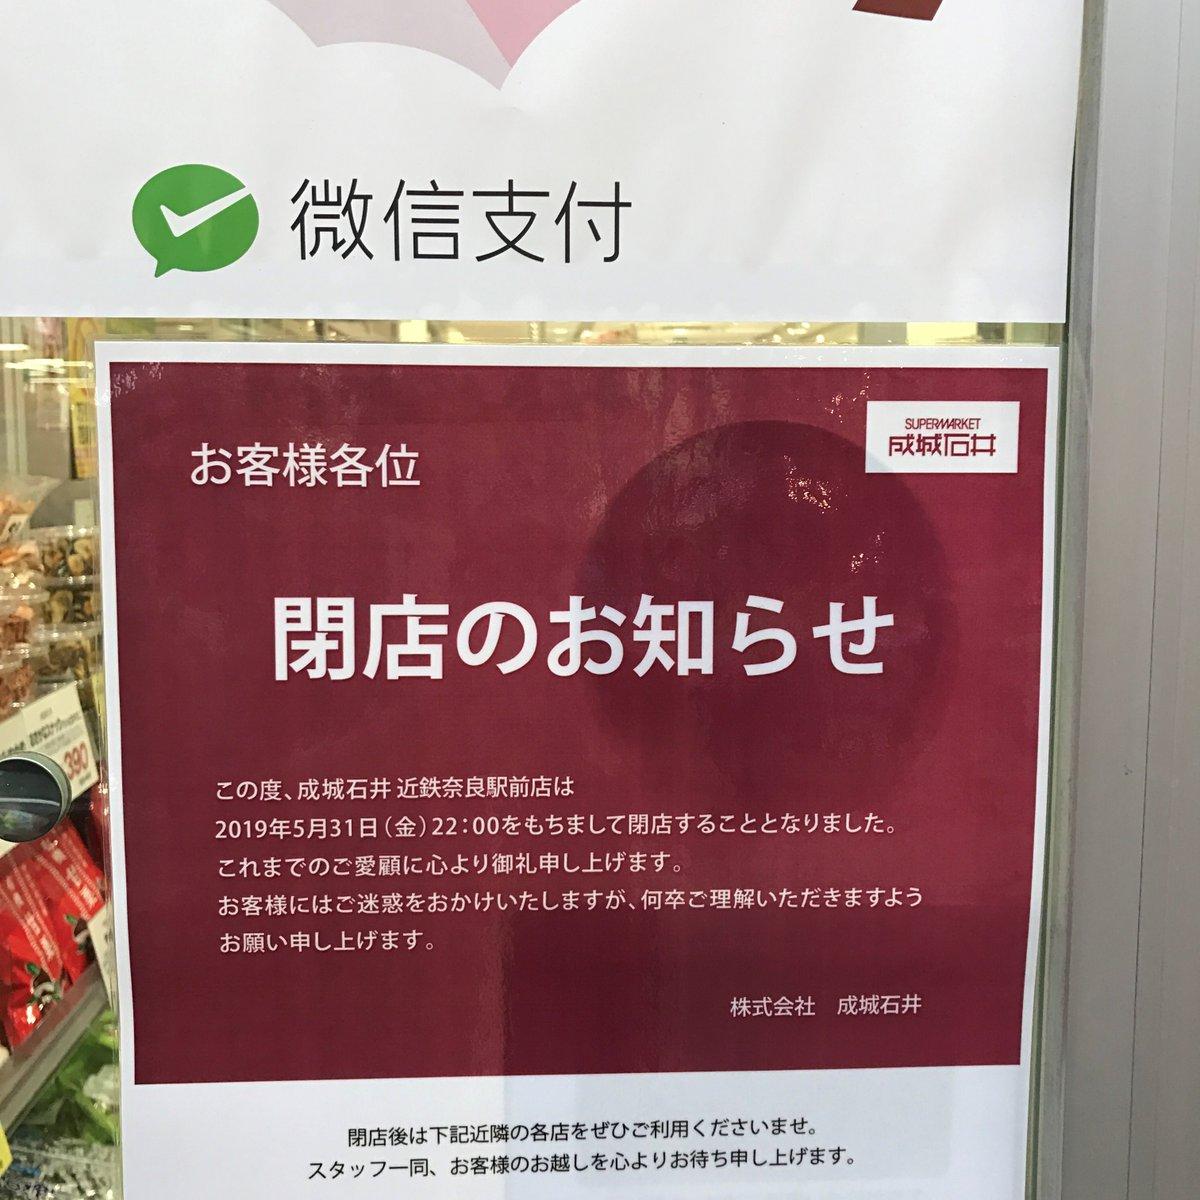 成城 石井 奈良